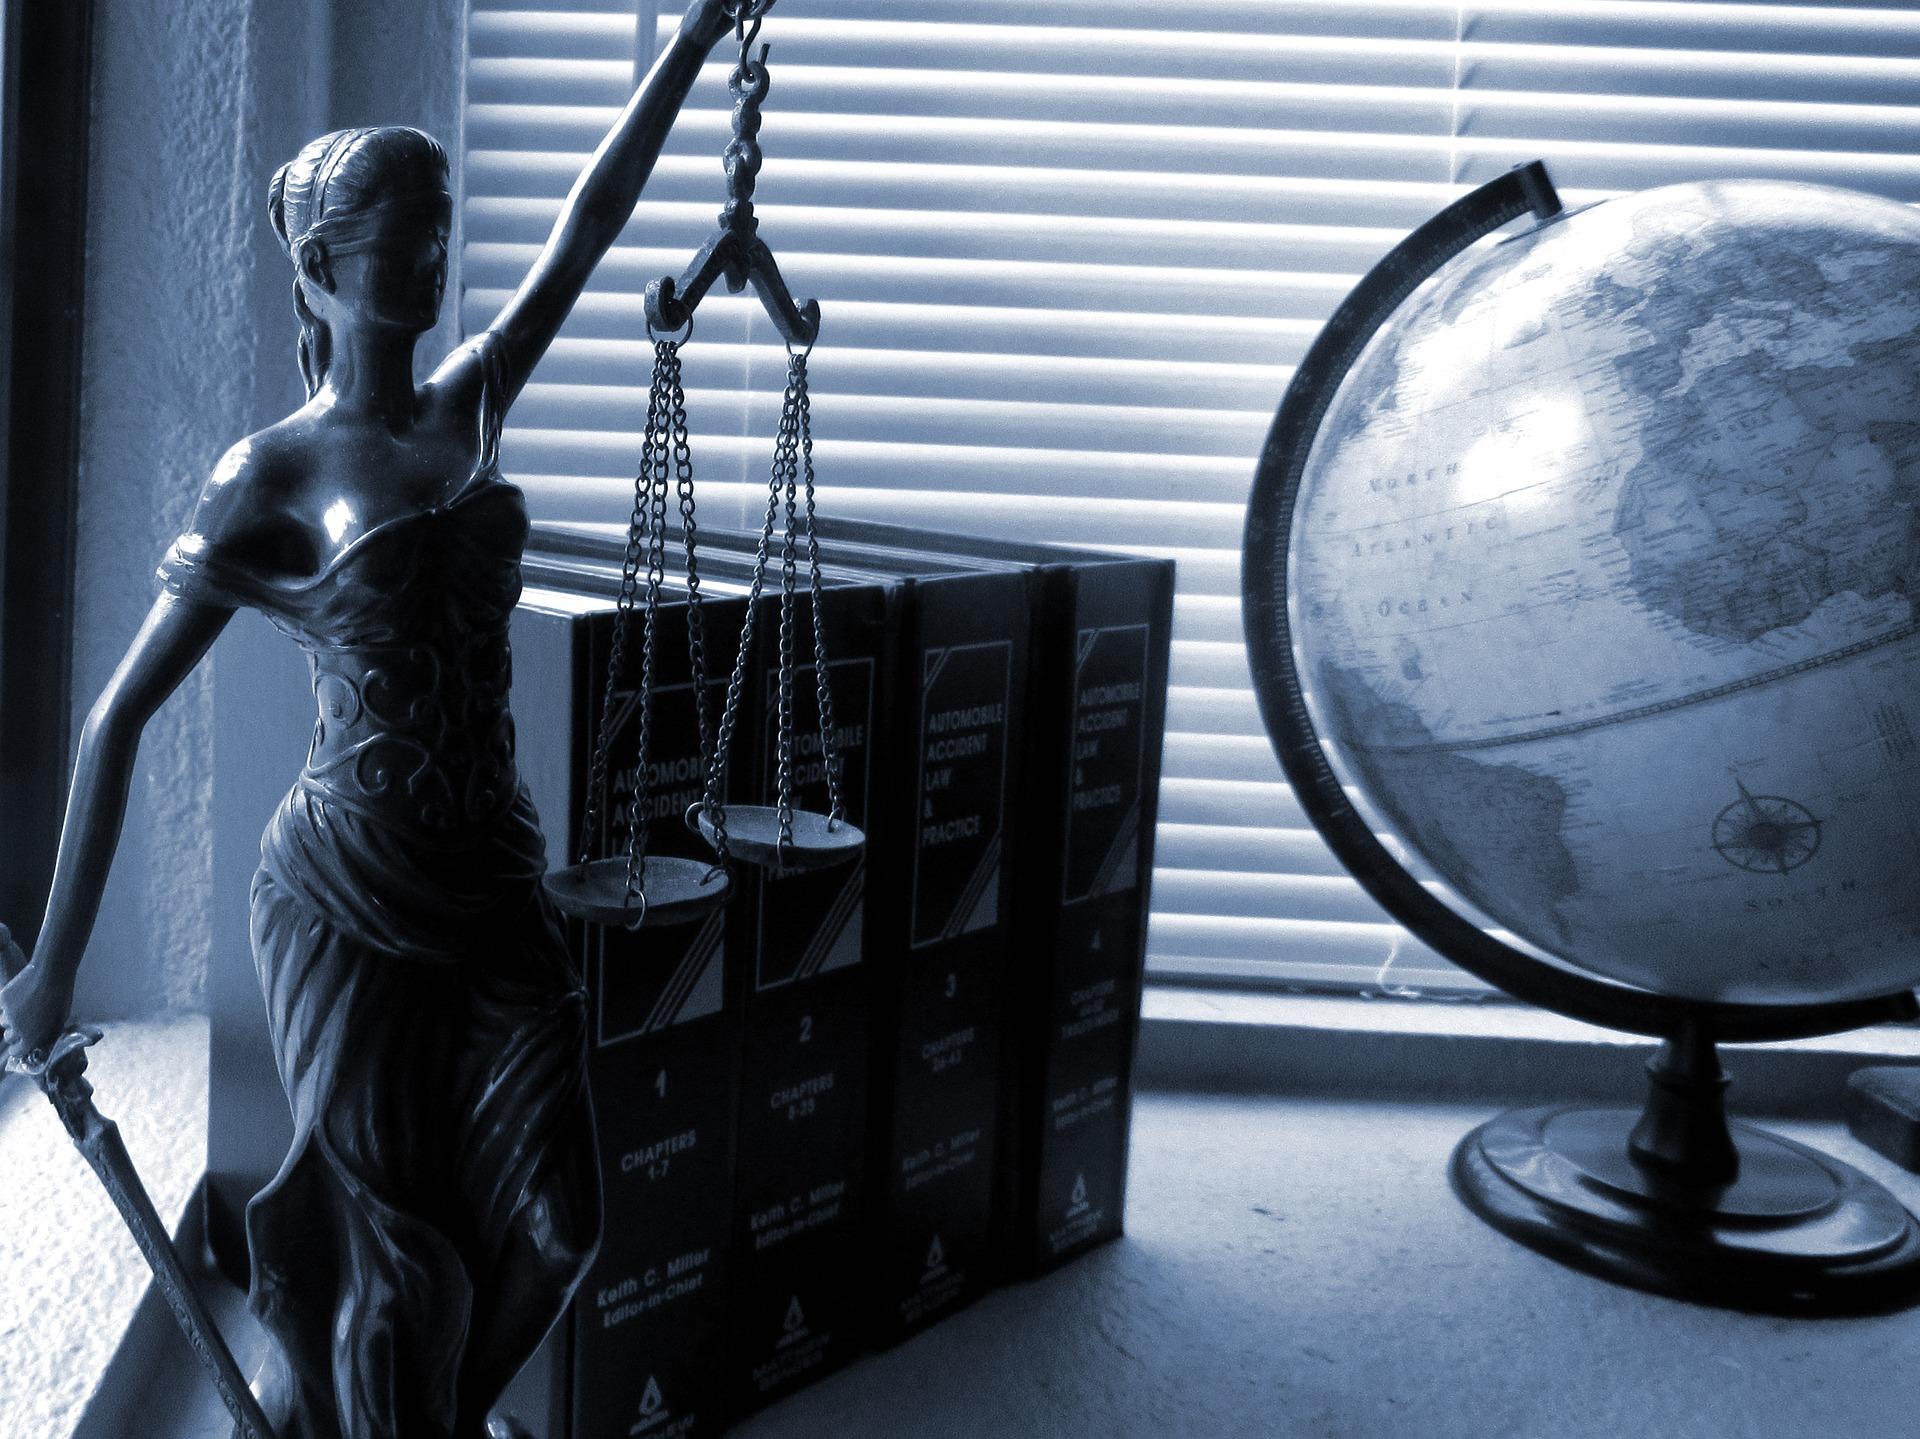 Forsvarsadvokat – Få en ledende advokat i strafferet hos ADVOKATFIRMAET STRAUSS & GARLIK